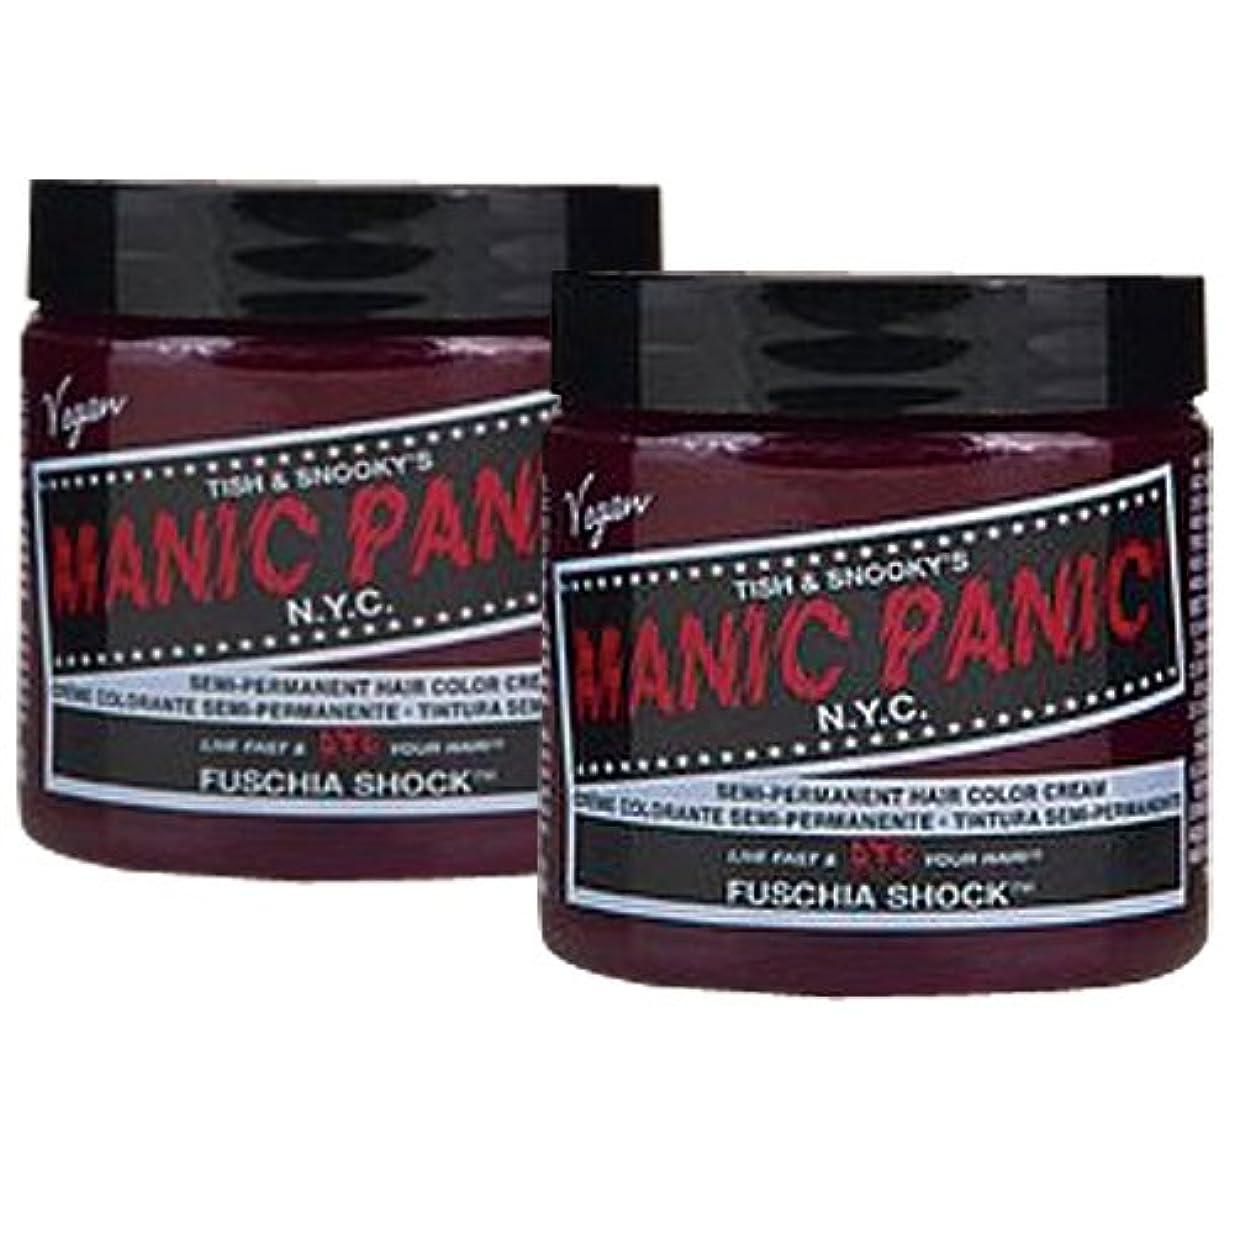 公式軽減疲れた【2個セット】MANIC PANIC マニックパニック Fuschia Shock フューシャショック 118m